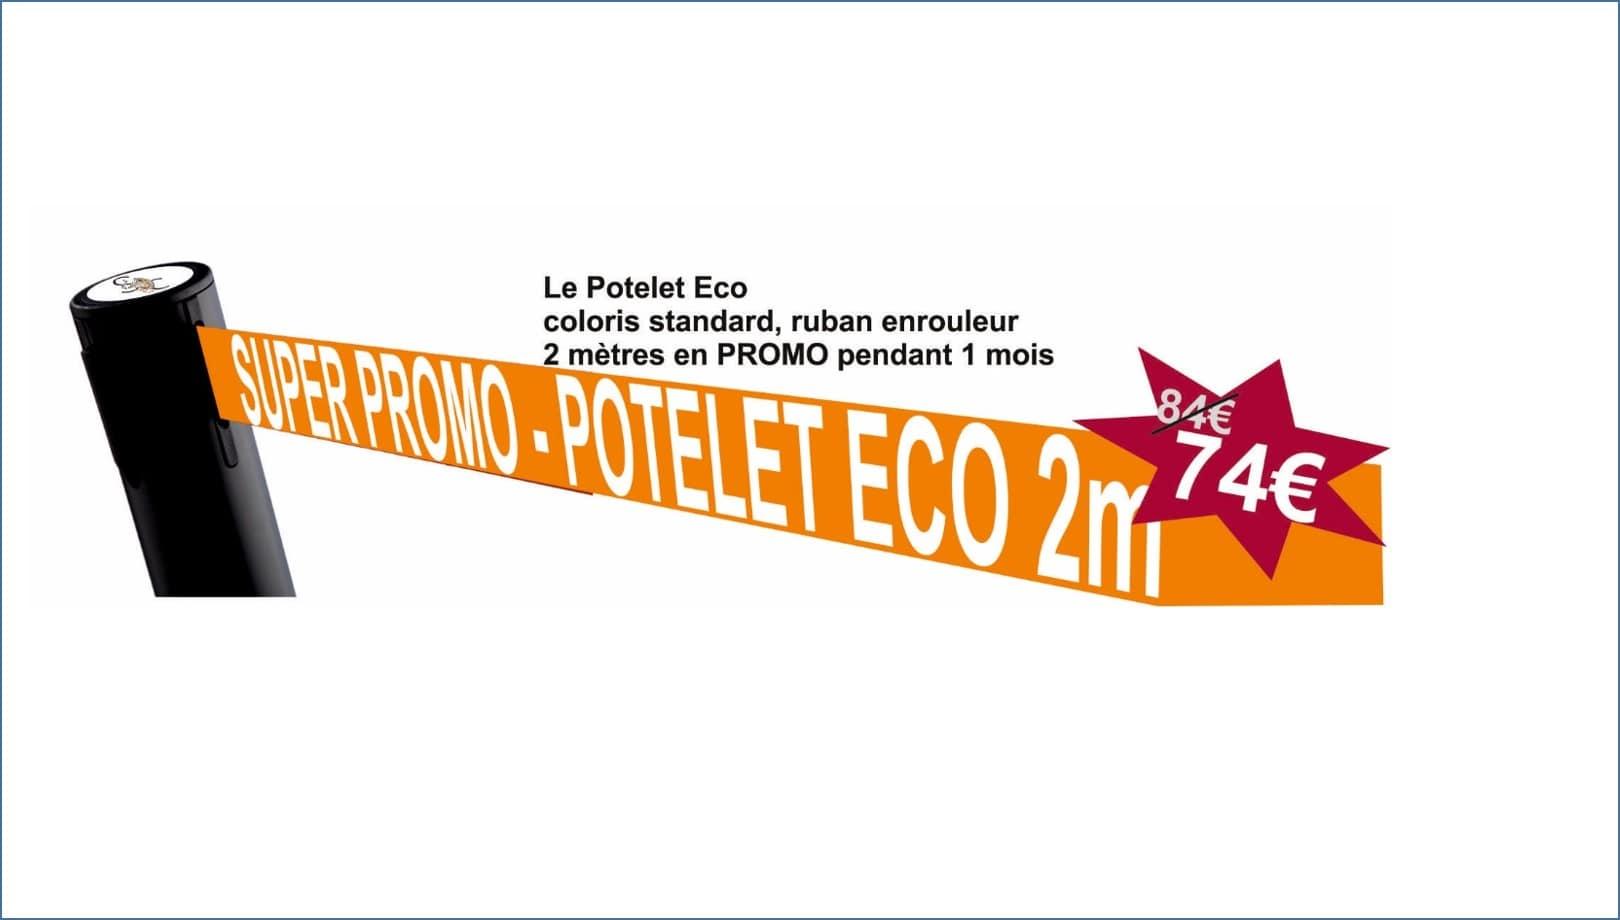 PROMO-2018-POTELET-ECO-3-min